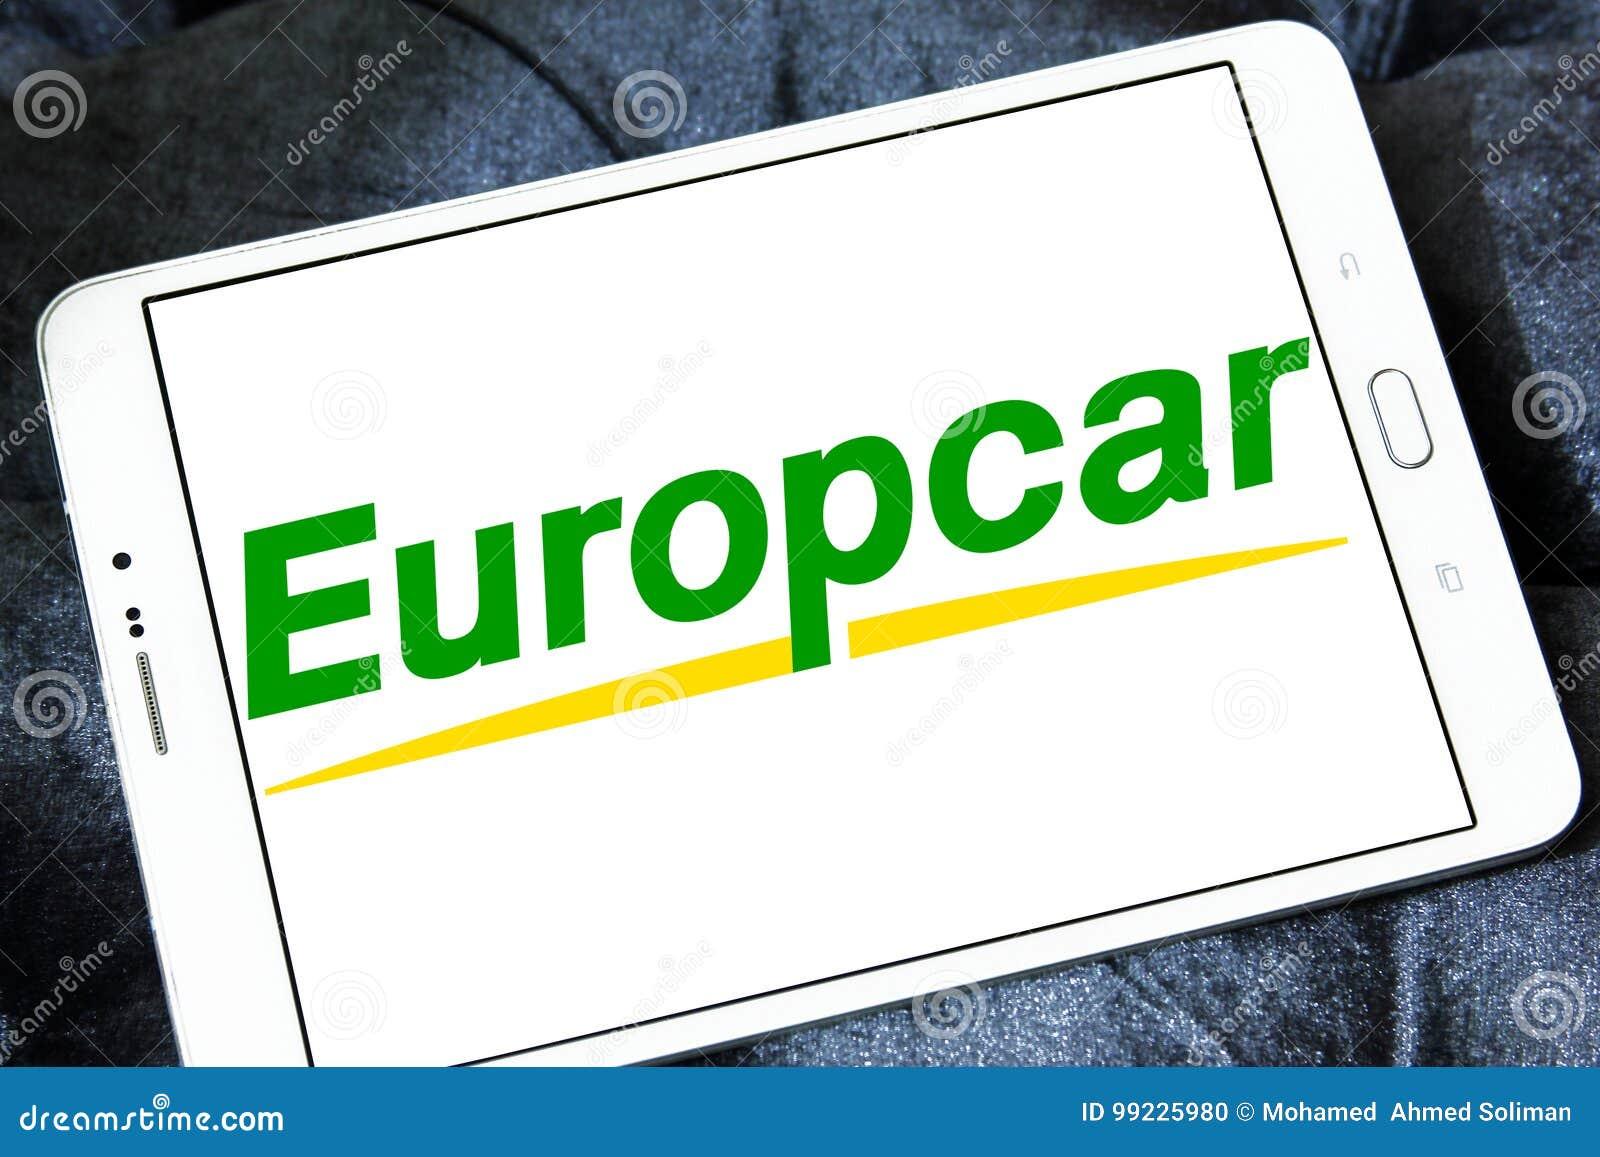 Europcar Car Rental Logo Editorial Image Image Of Logotype 99225980